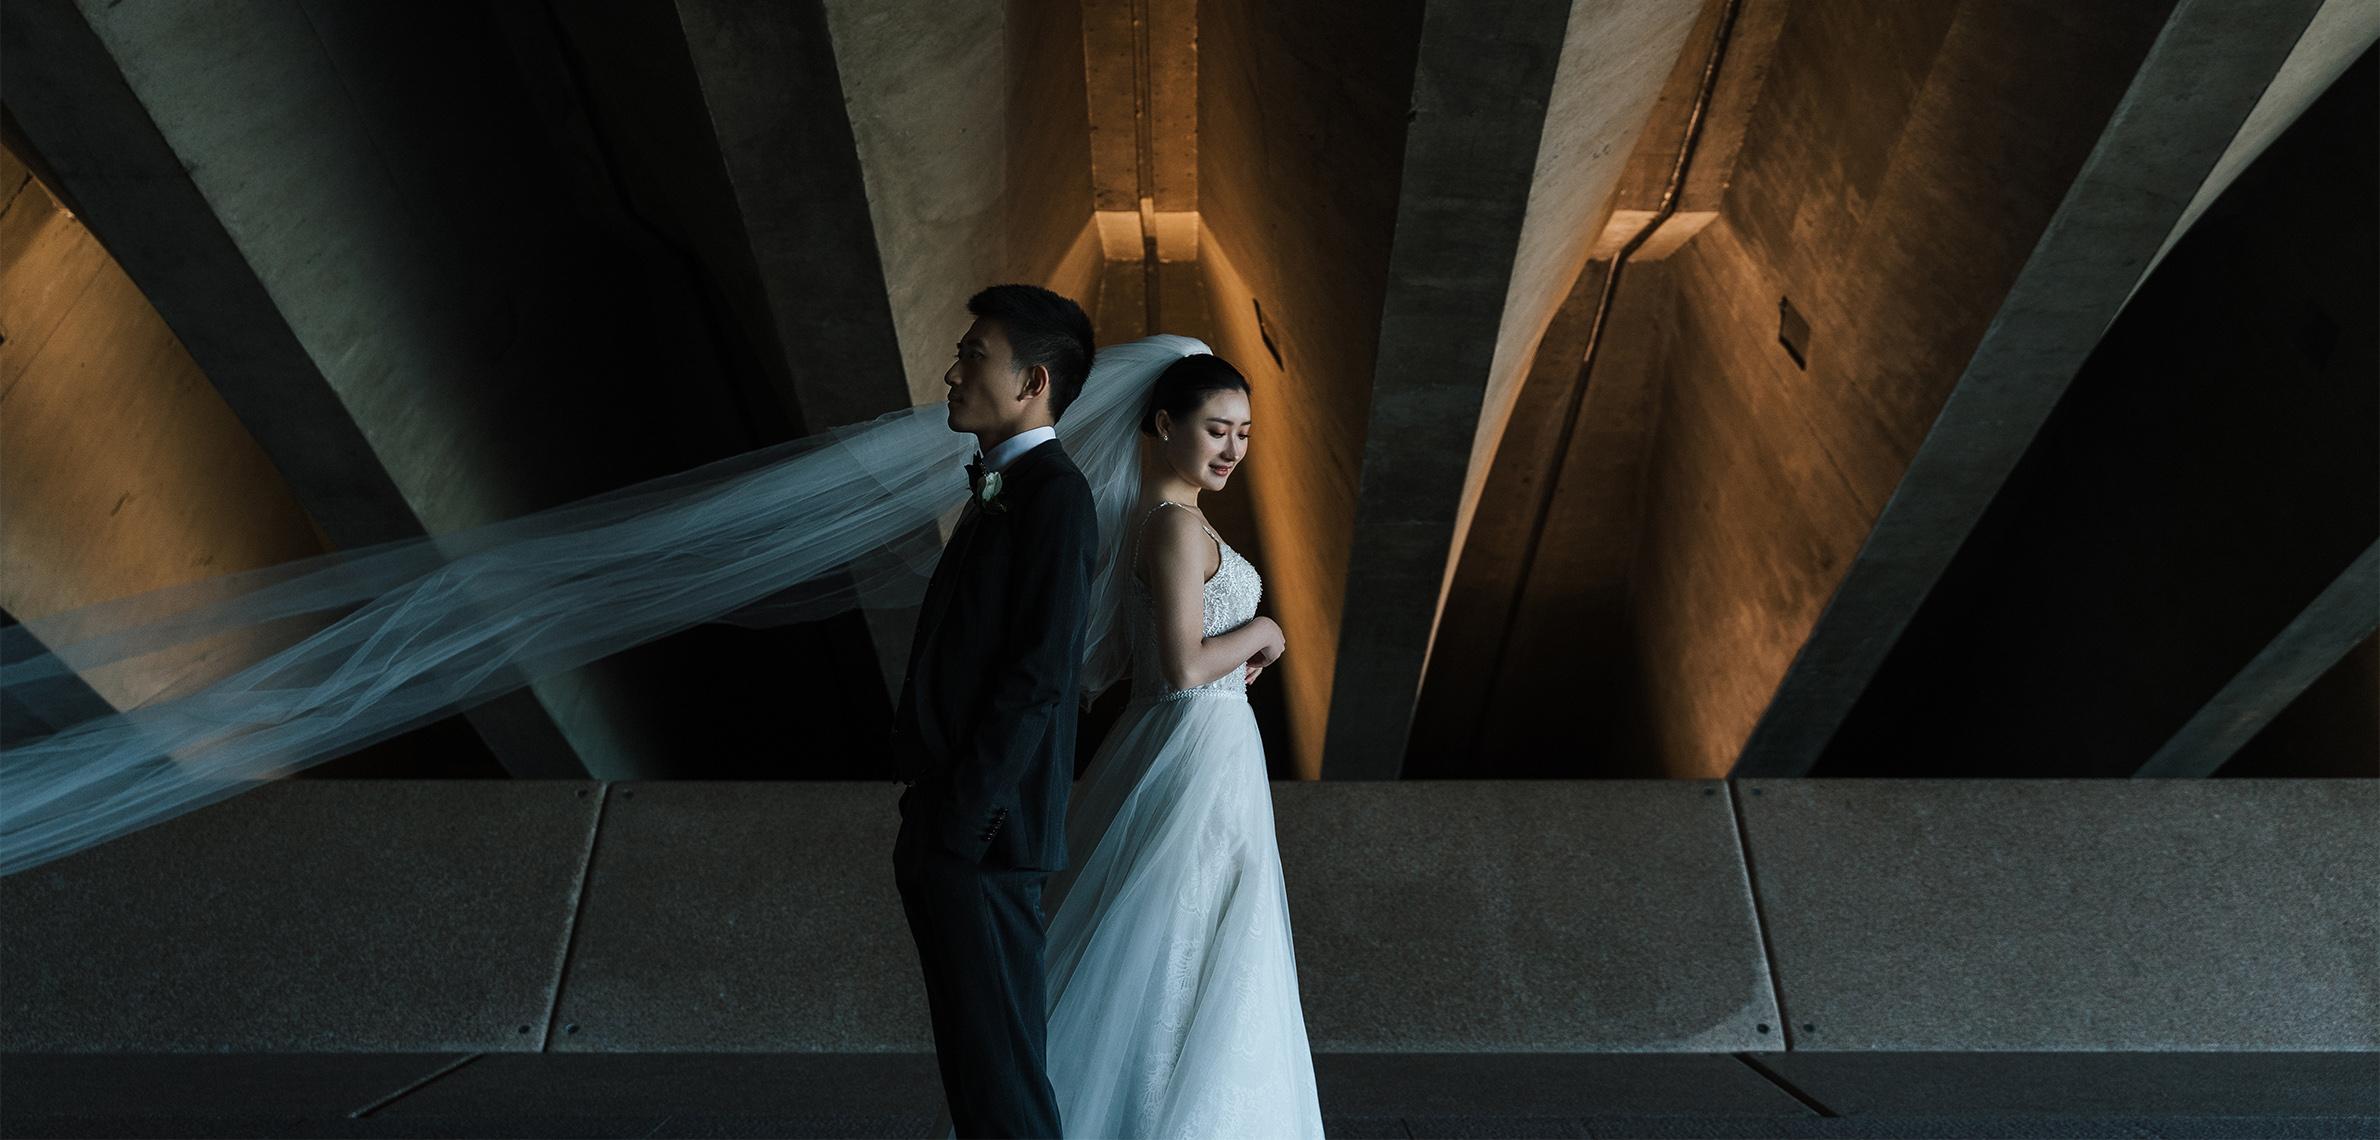 悉尼网红婚纱拍摄点,网红旅拍婚纱照,悉尼婚纱摄影,悉尼婚礼拍摄,悉尼婚纱照,雪梨婚纱摄影,悉尼婚纱影楼,澳洲旅拍,悉尼婚纱旅拍,悉尼婚纱店,Centennial park婚纱拍摄